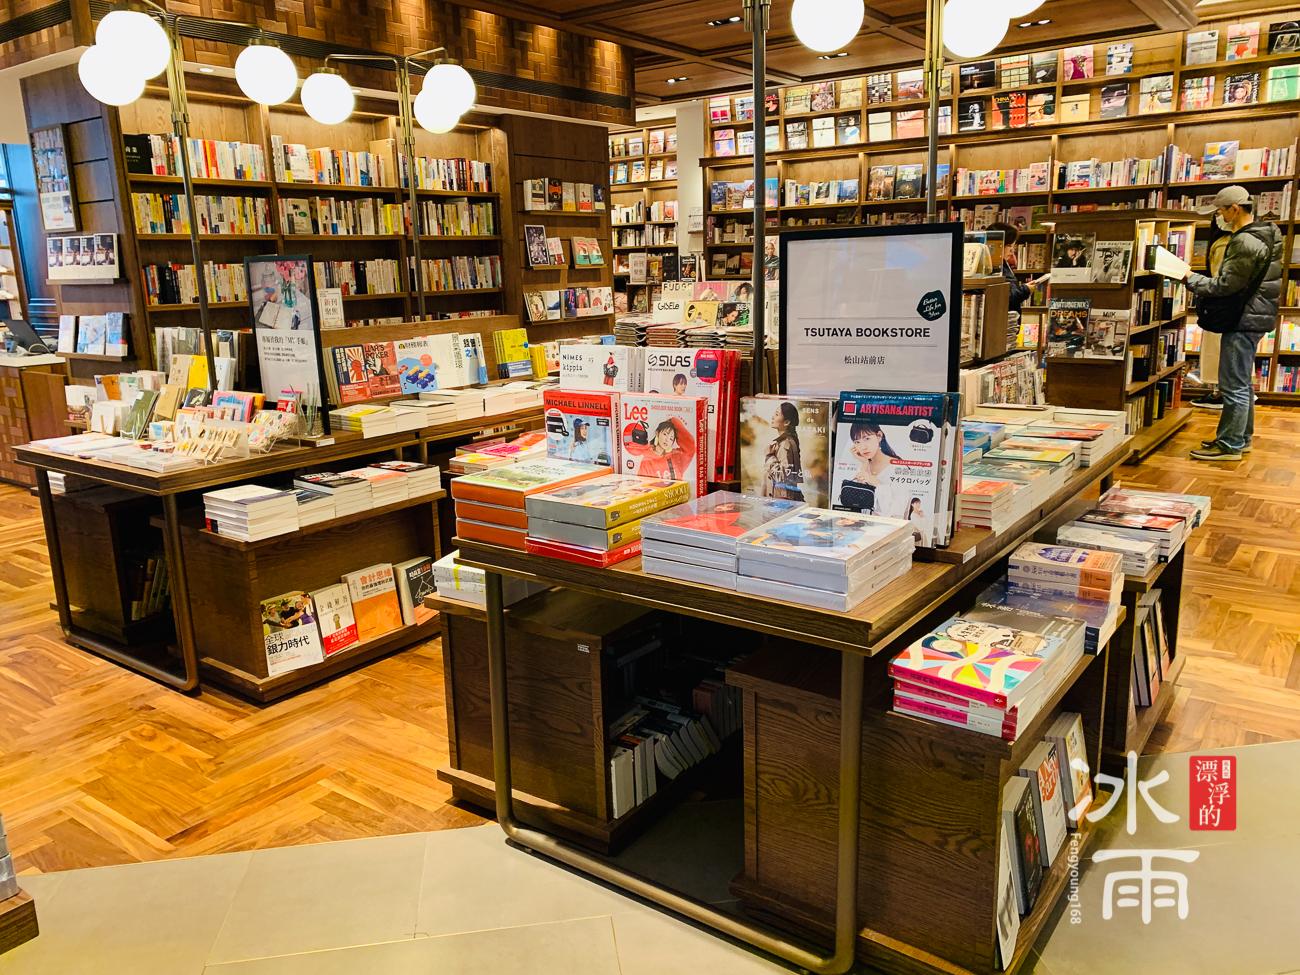 書店內部的照片